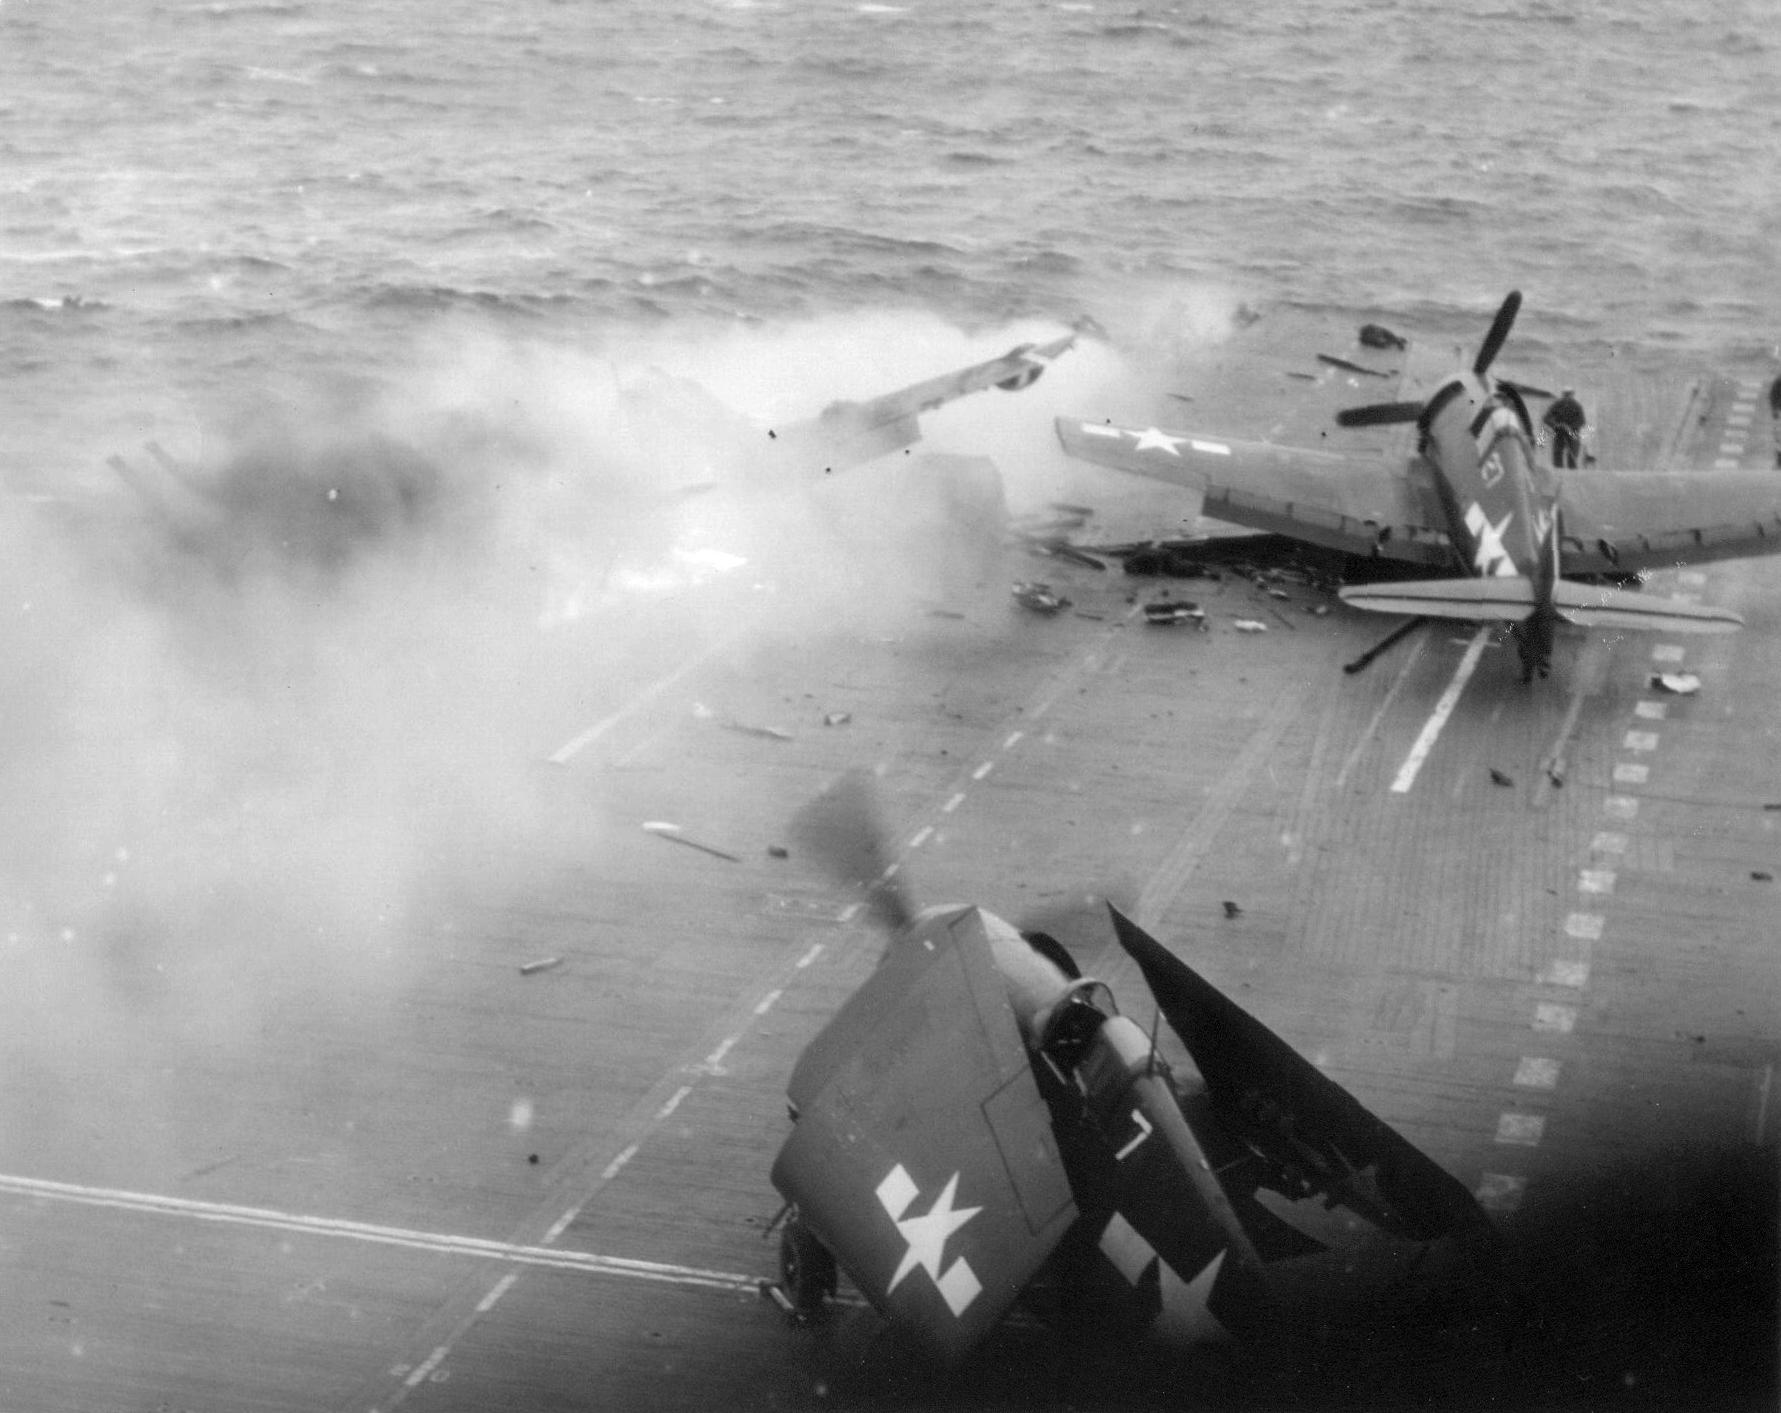 Grumman F6F 5 Hellcat VF 53 White 7 and 27 during kamikaze attack CV 3 USS Saratoga 21st Feb 1945 01